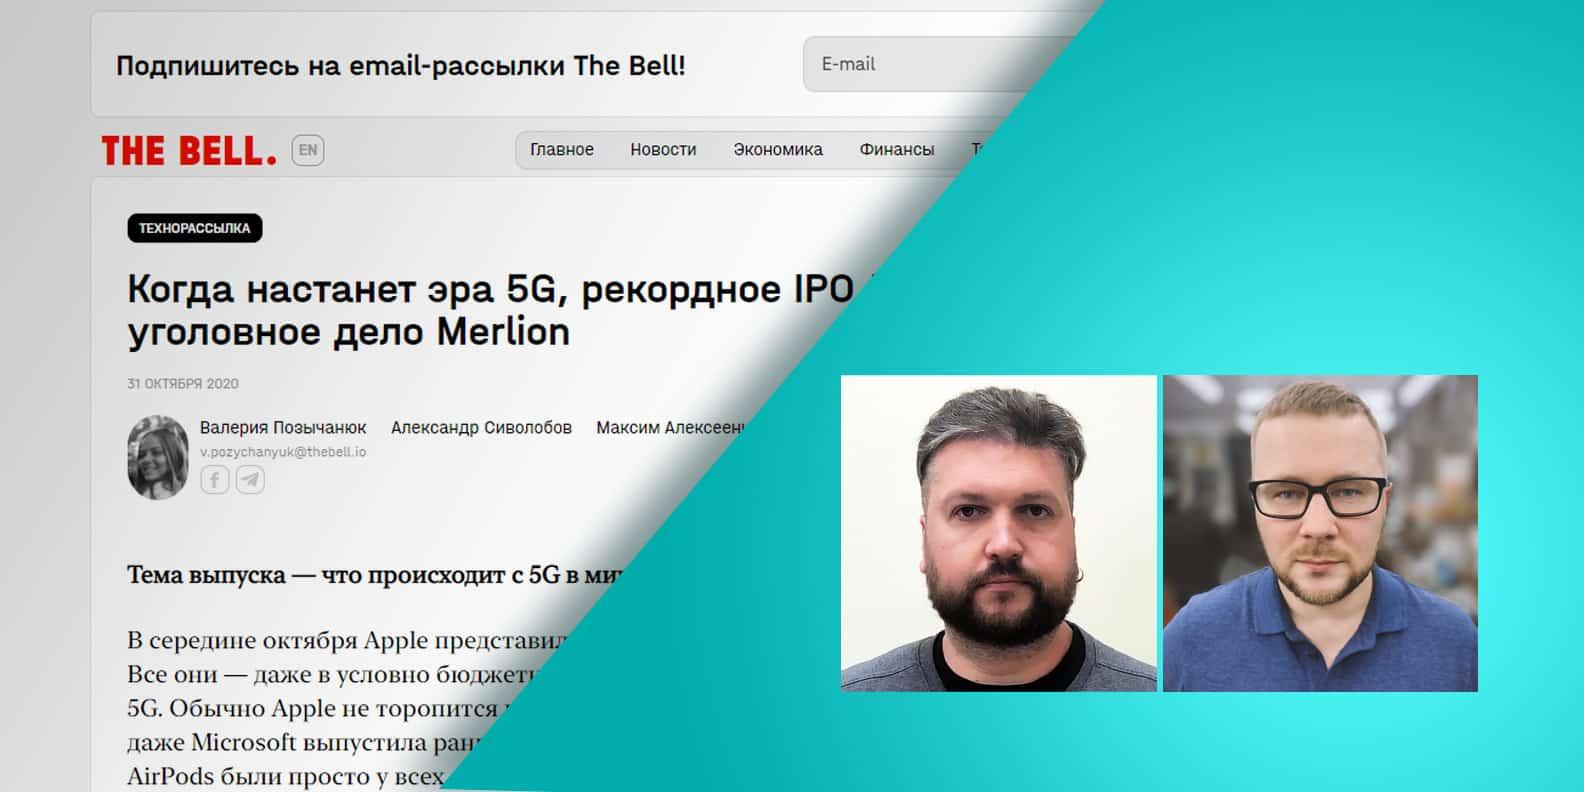 Эксперты Центра компетенций НТИ на базе Сколтеха по технологиям беспроводной связи и интернета вещей Максим Алексеенко и Александр Сиволобов рассказали The Bell, что сейчас происходит с сетями пятого поколения на…